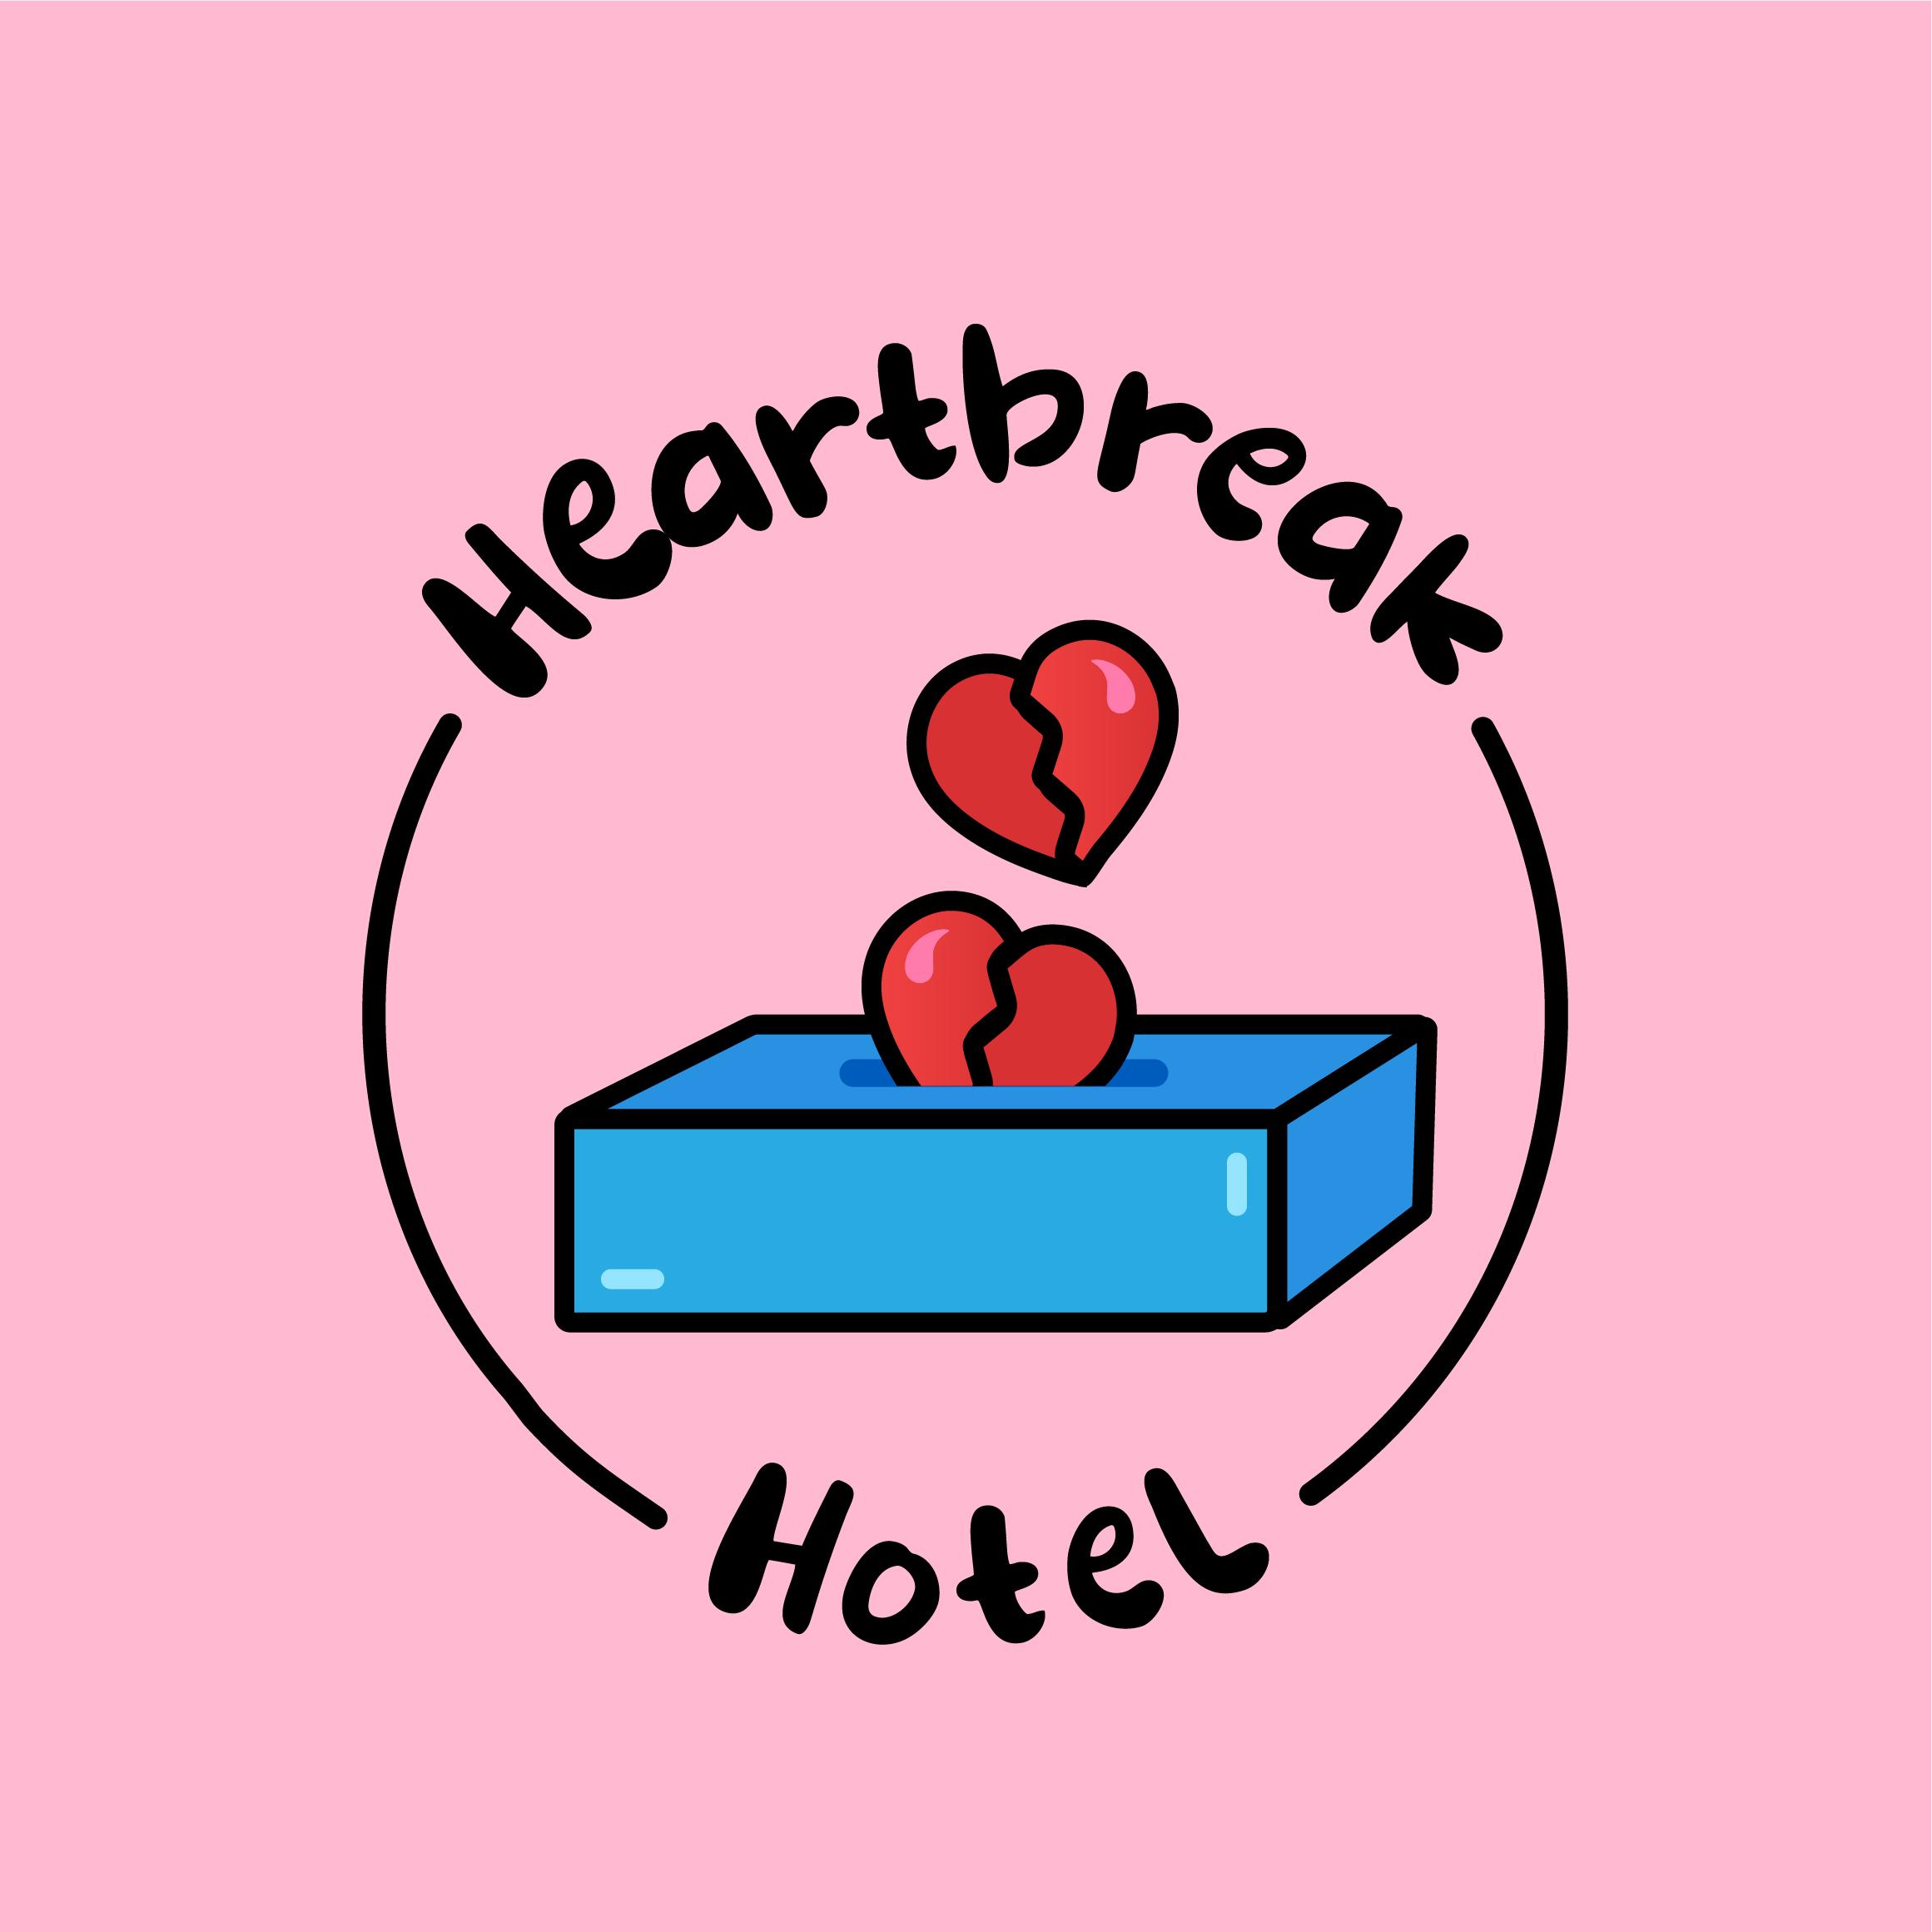 Heartbreak Hotel (1).jpg